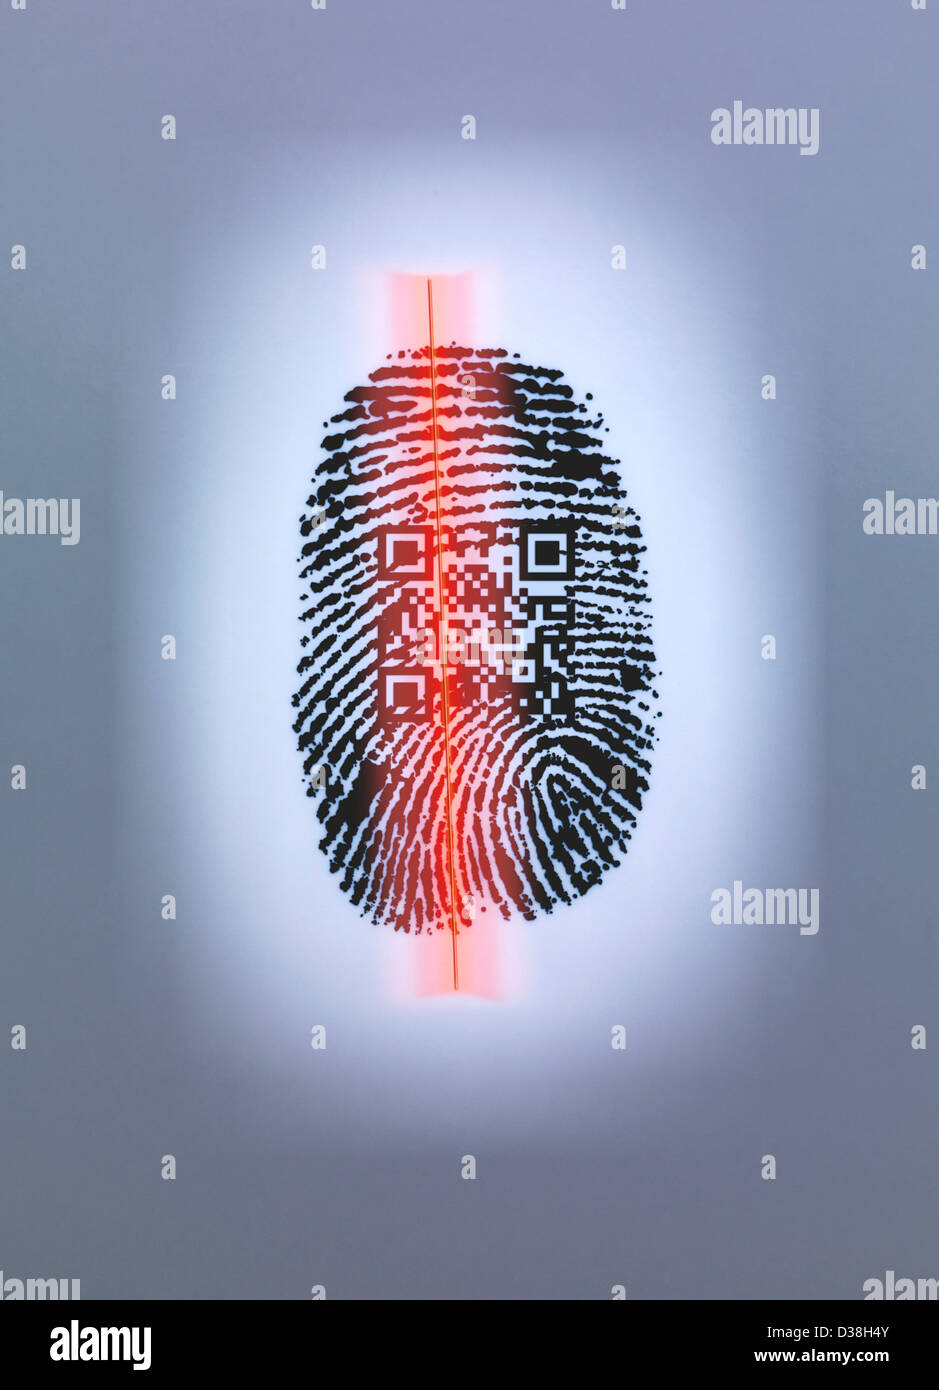 Impronte digitali e il codice QR nello scanner Foto Stock